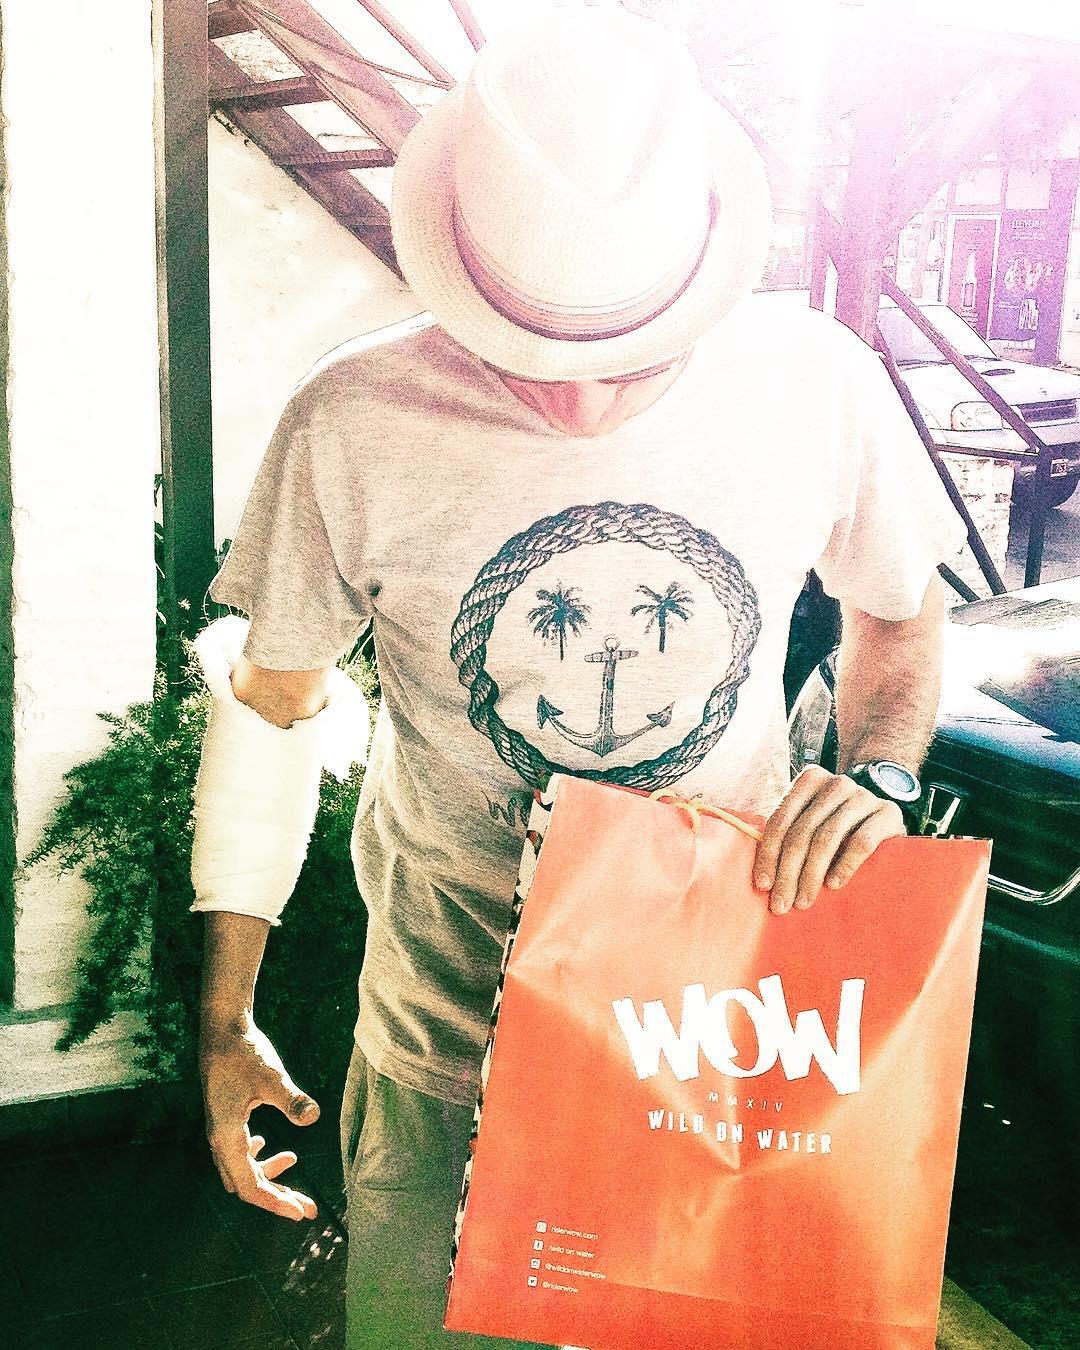 Nuestro wilder @nicovazquezcano paso por el local a llevarse unos regalitos! Estableció el #DesafioWOW en el MiniTubo no terminado de @wildonwaterclub, y se fue a seguir con el tratamiento correspondiente para mejorar la motricidad de su mano y seguir...